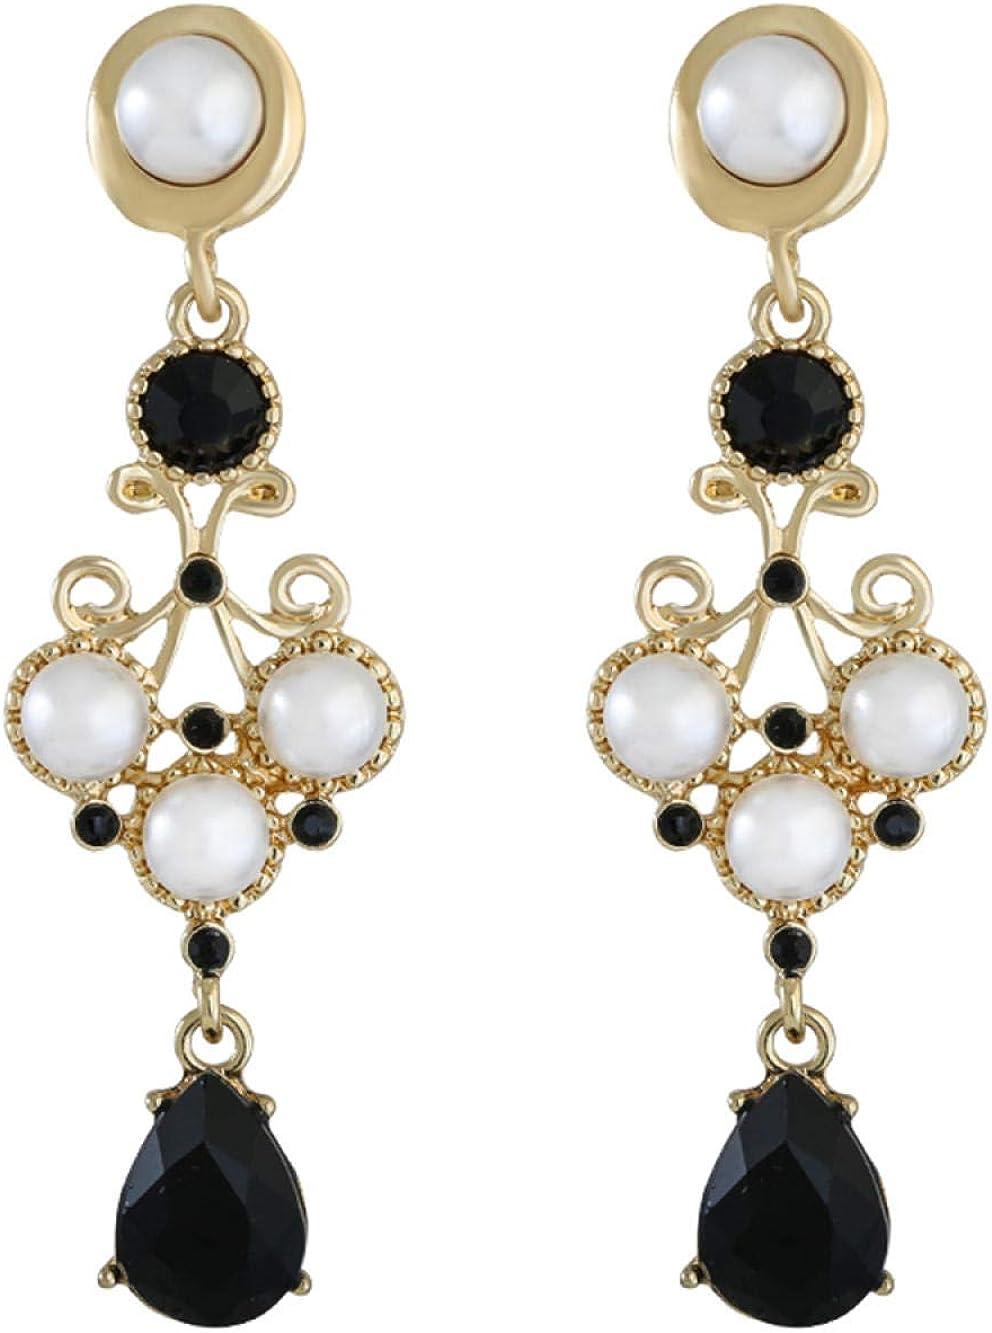 Aretes colgantes para mujer en plata de ley larga Estrella con los mismos pendientes retro de temperamento con gota de perla Regalo elegante y especial SDHJMT